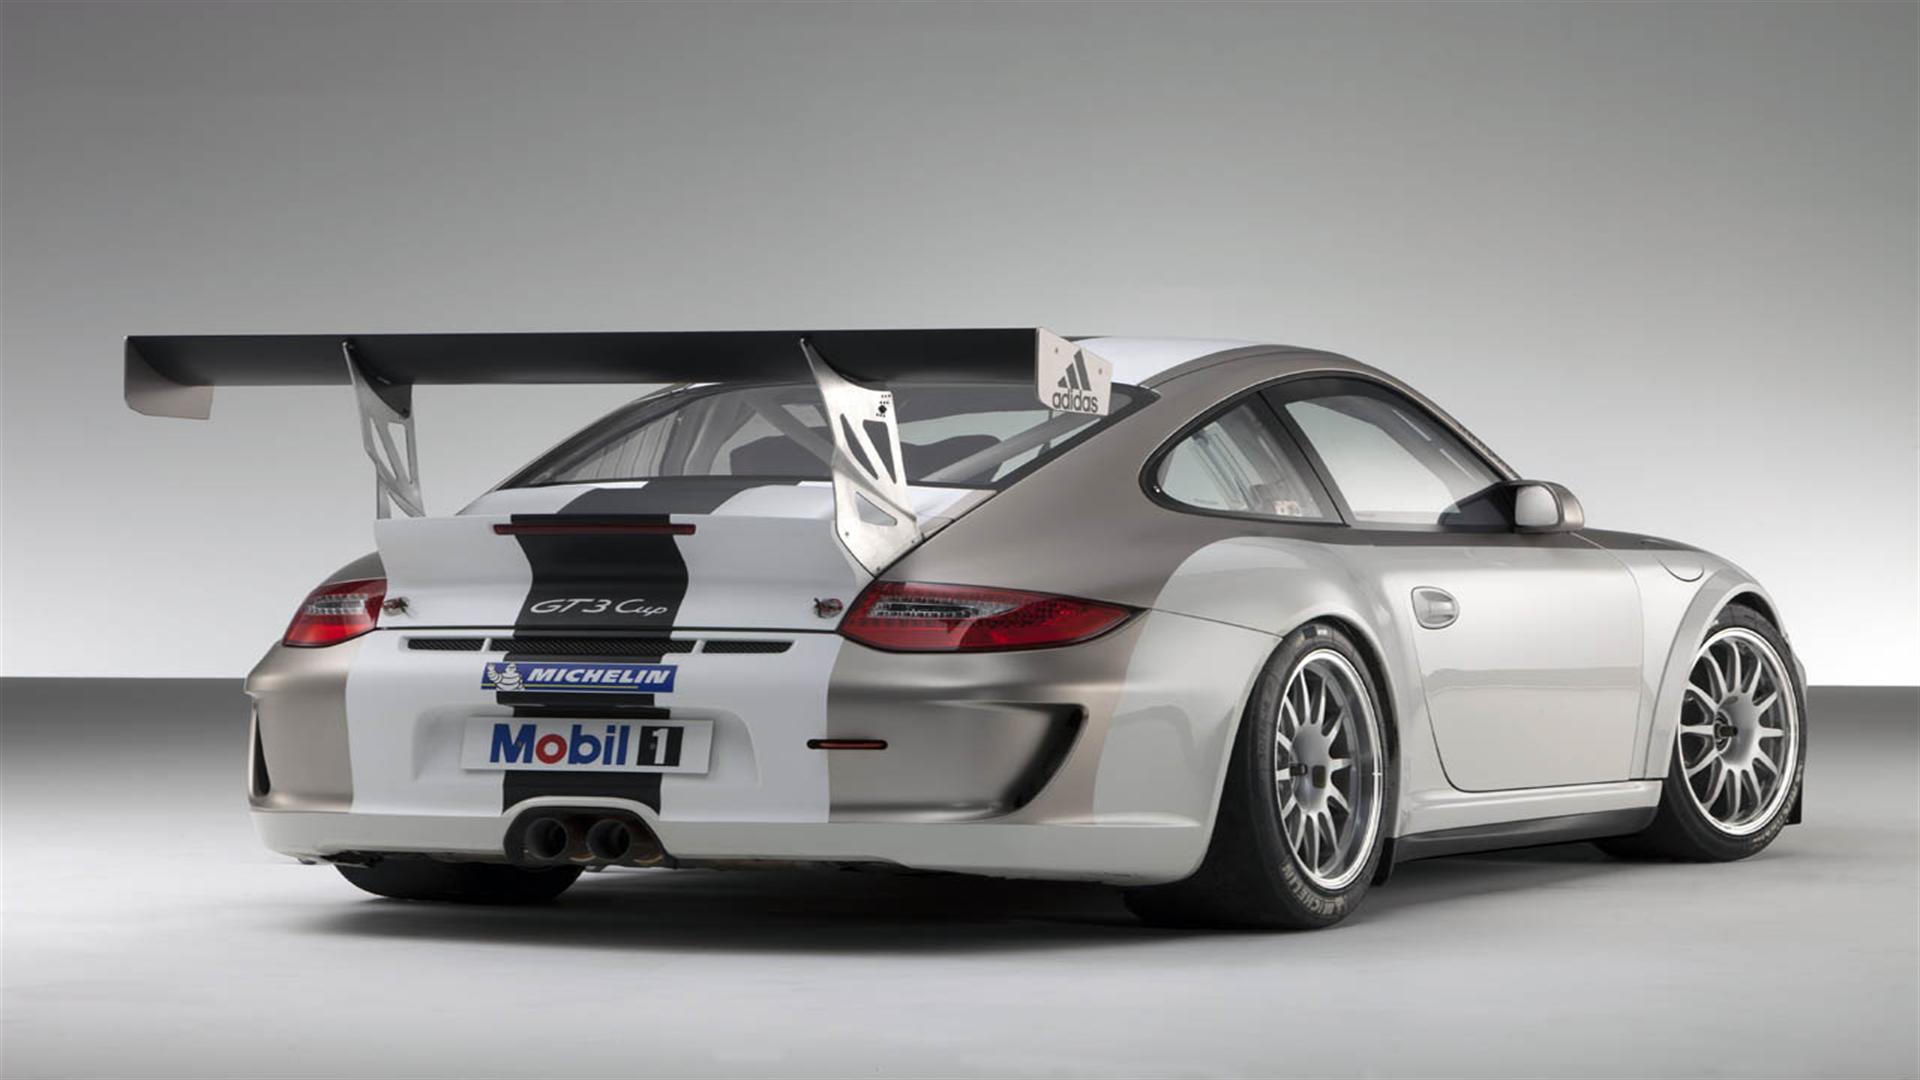 2012 Porsche 911 GT3 Wallpaper   pic 2 1080p HD High Resolution 1920x1080